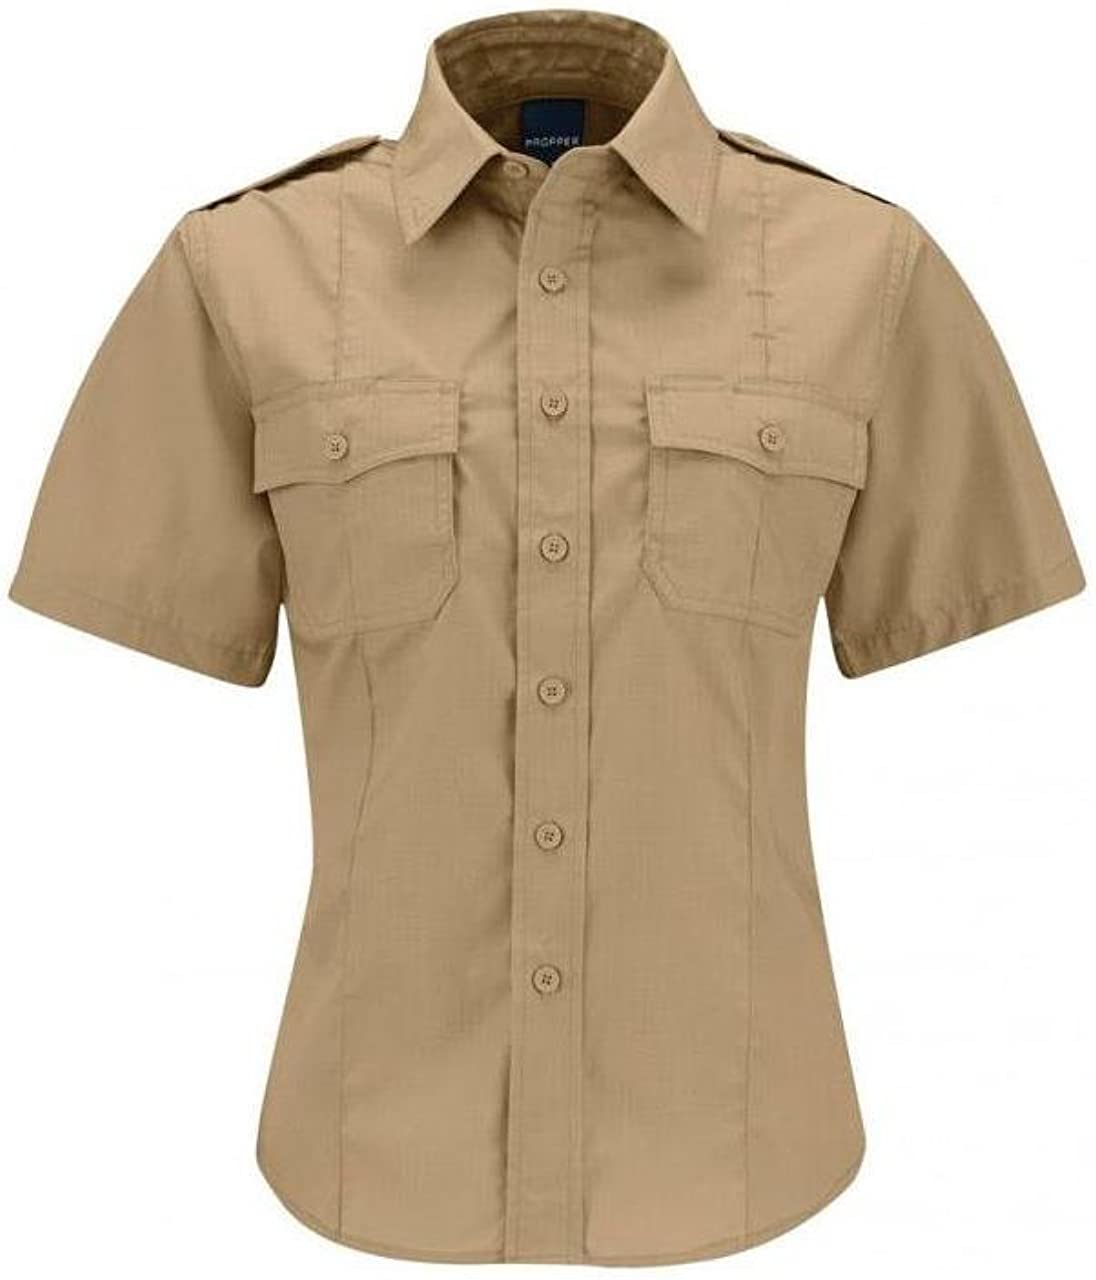 Propper Womens SS Class B Womens Cargo Cotton Polyester Ripstop Uniform Tactical Shirt F5337 Short Sleeve